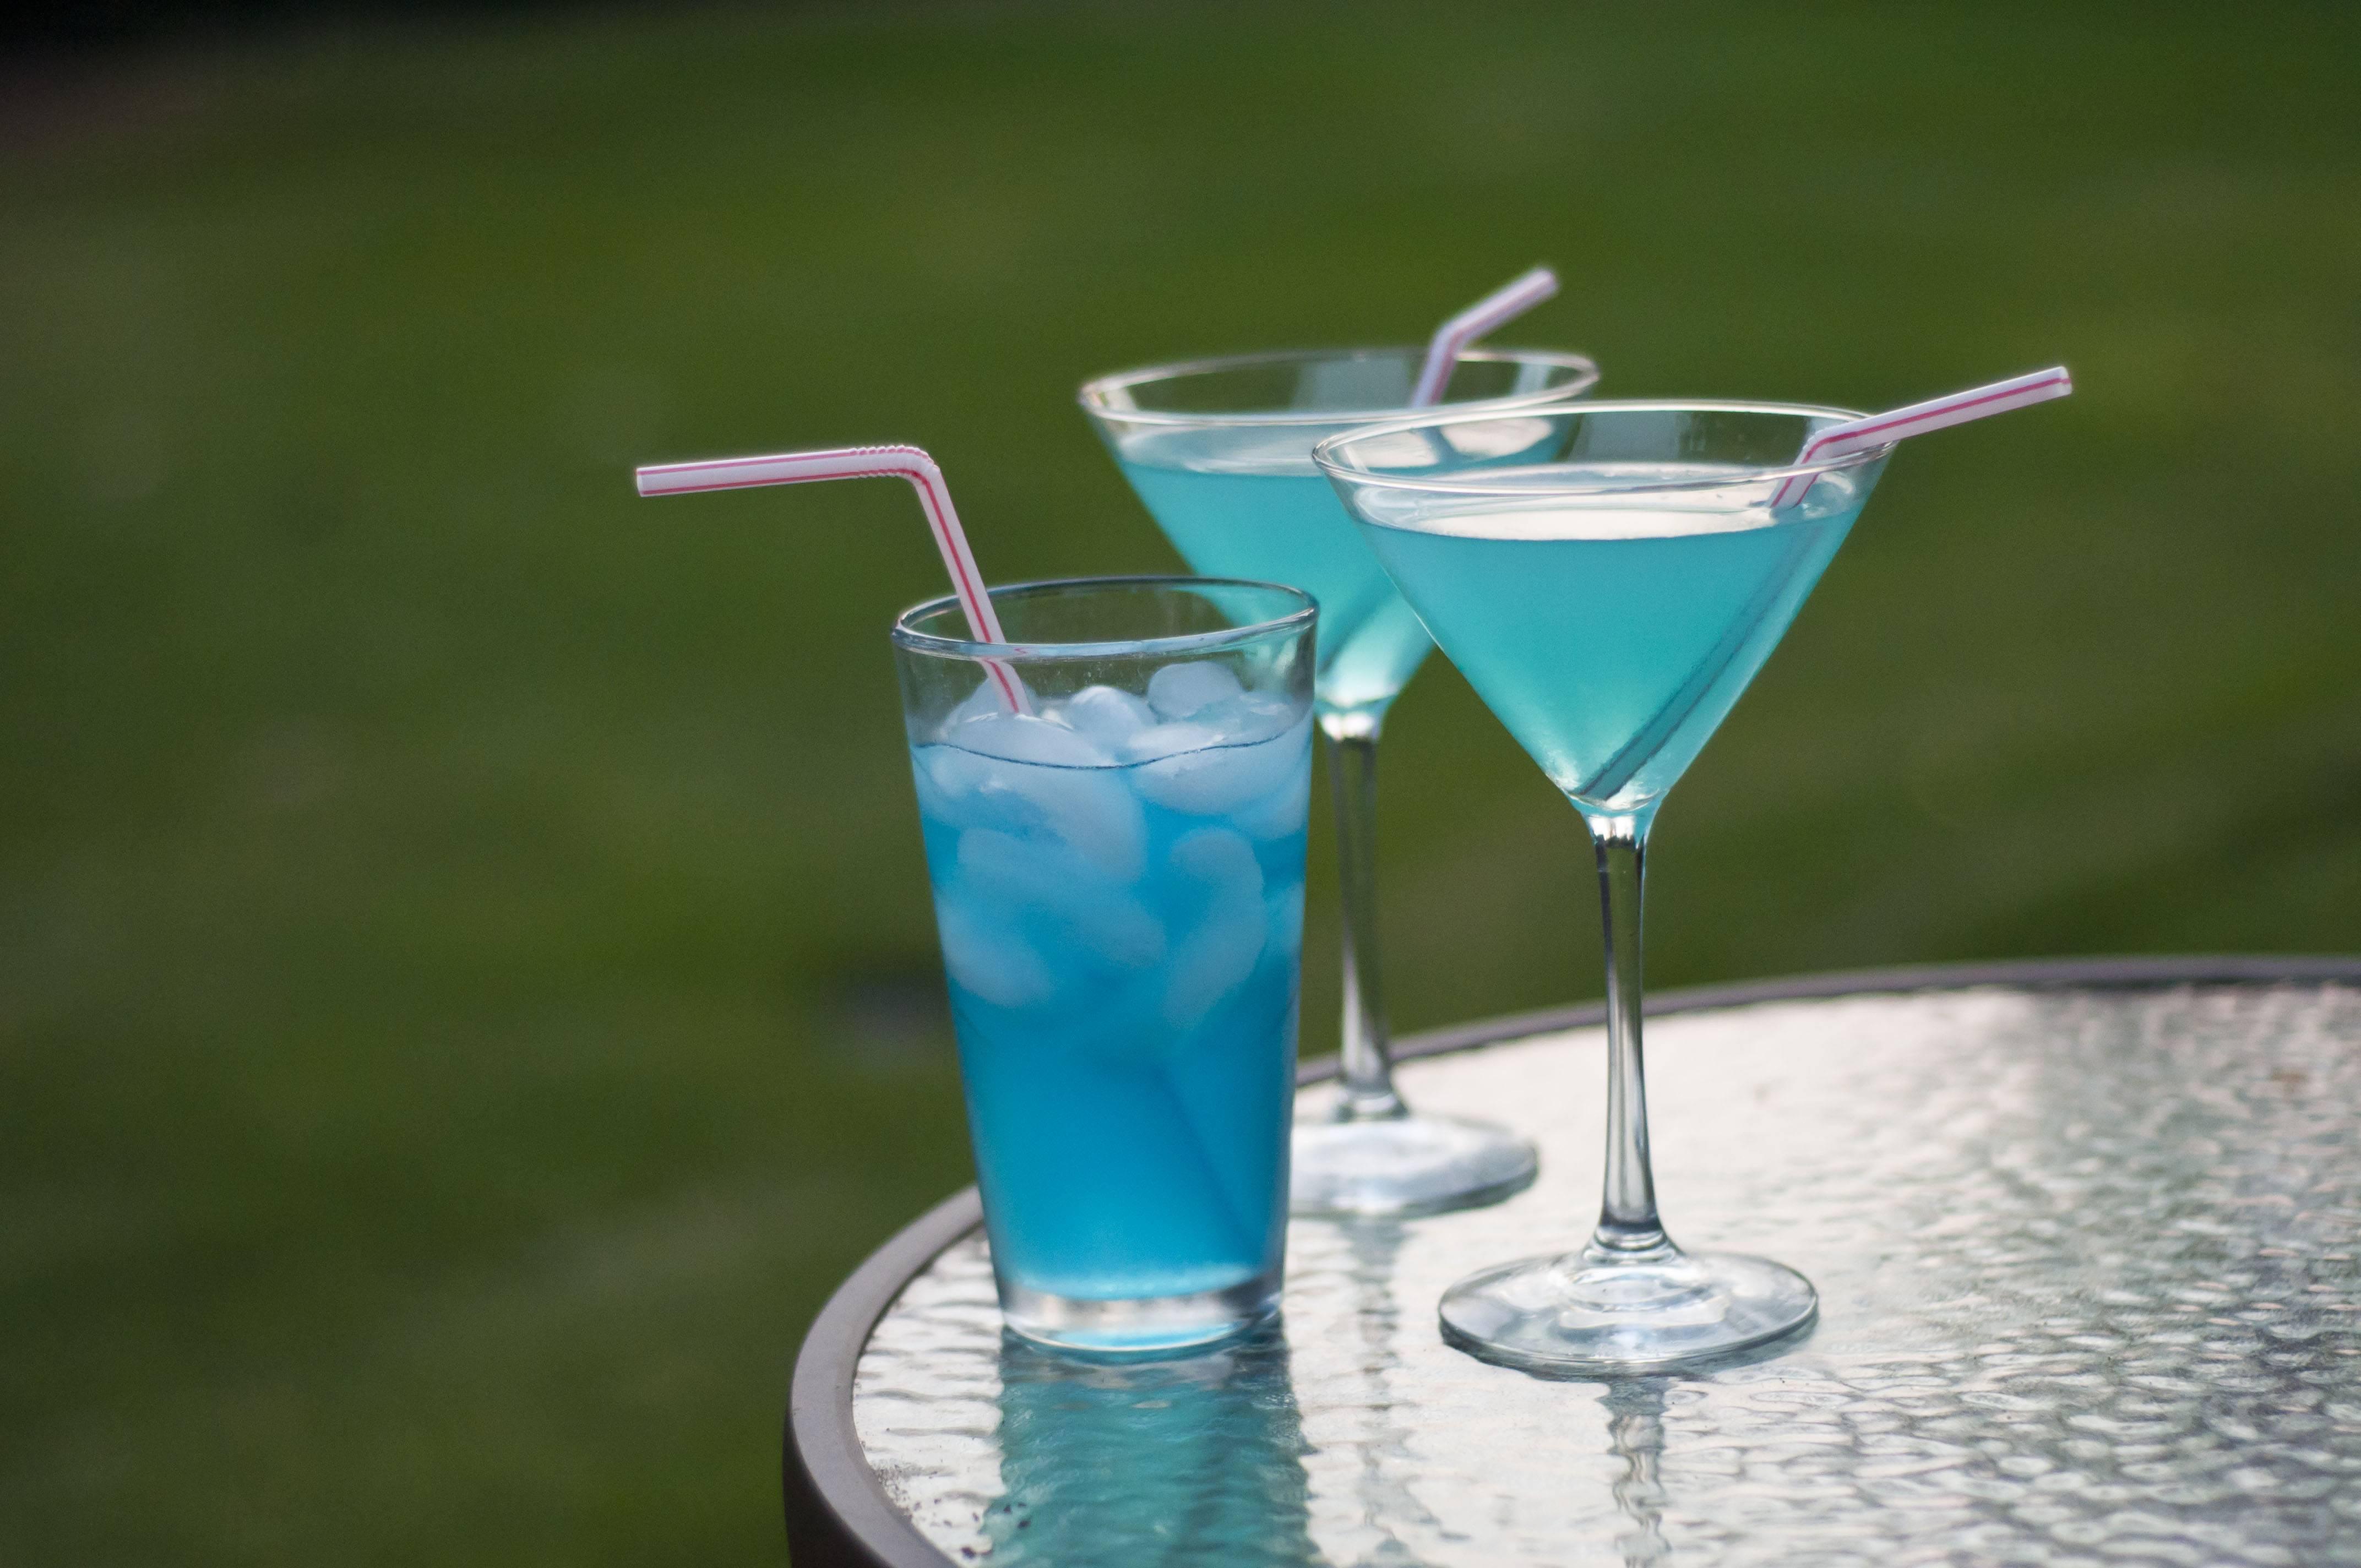 Рецепты приготовления коктейля Голубая лагуна